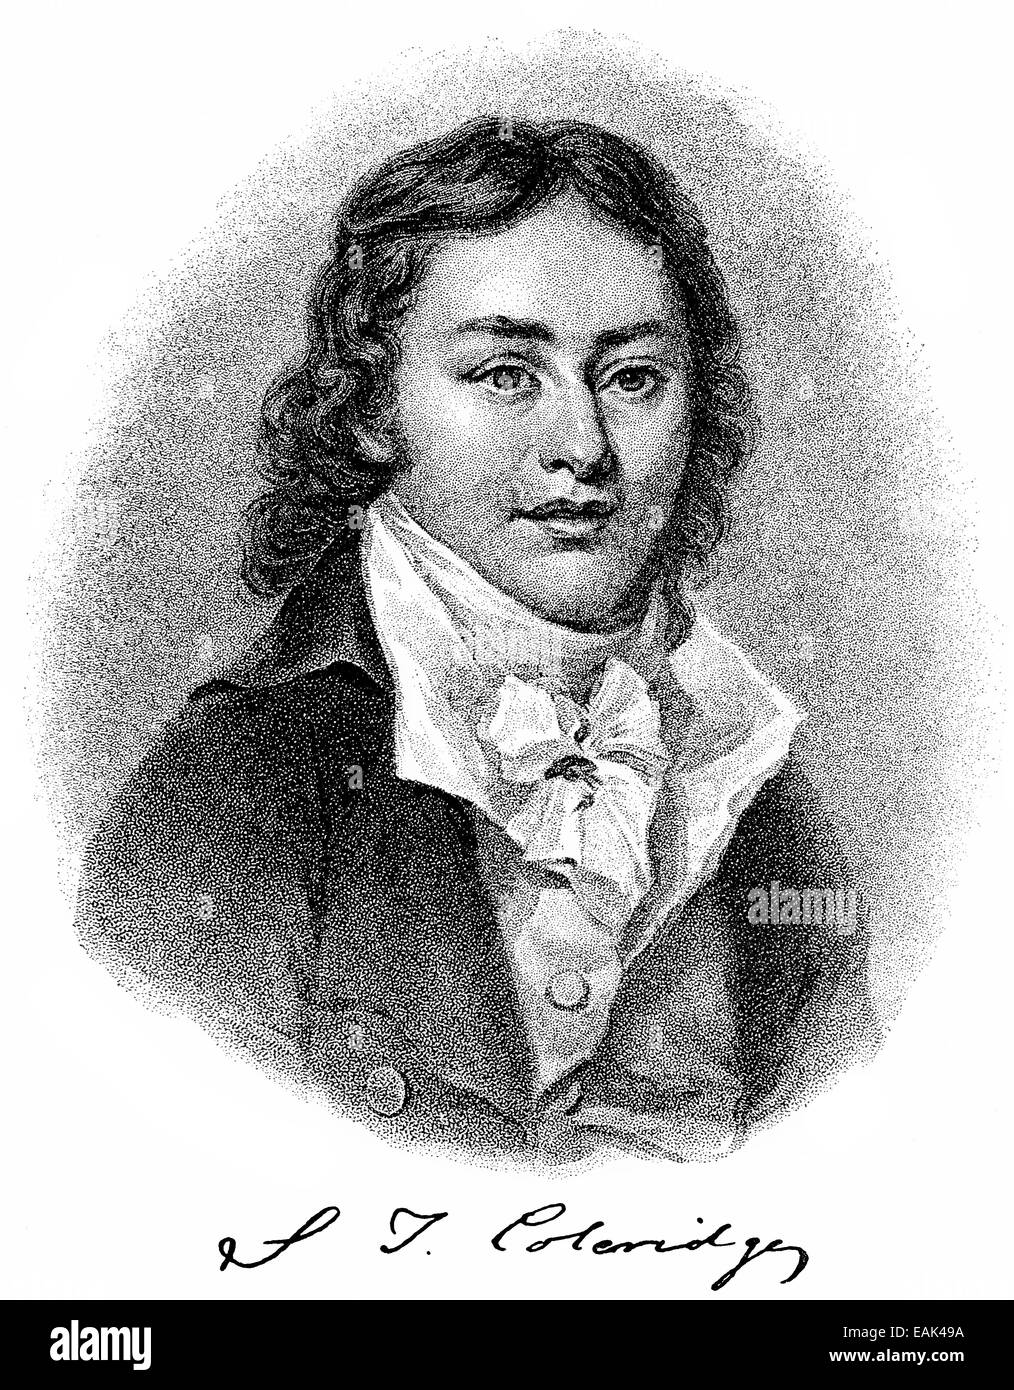 Samuel Taylor Coleridge, 1772 - 1834, an English Romantic poet, critic and  philosopher, Historische Zeichnung aus dem 19. Jahrhu